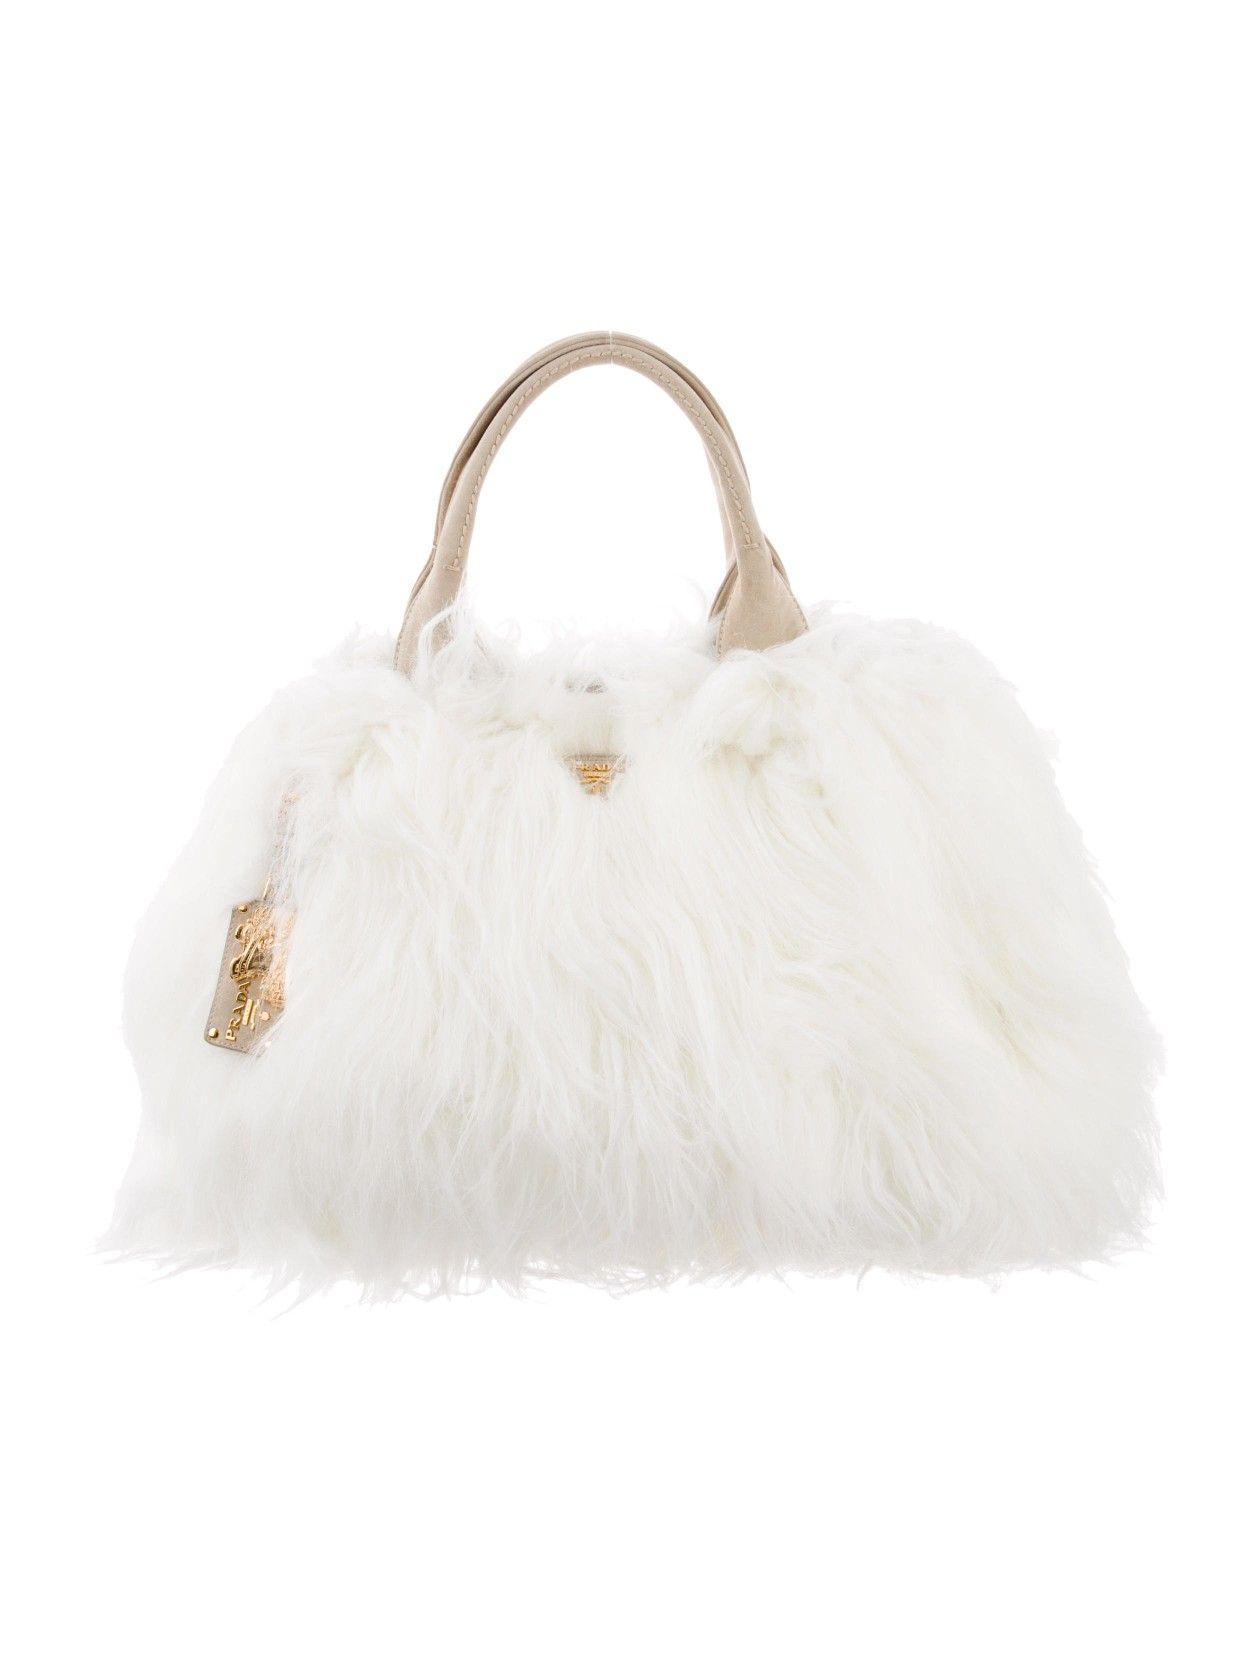 49e115efc277 Prada Eco Kidassia Shoulder Bag. Click To buy  Prada  shoulderbag   affiliatelink